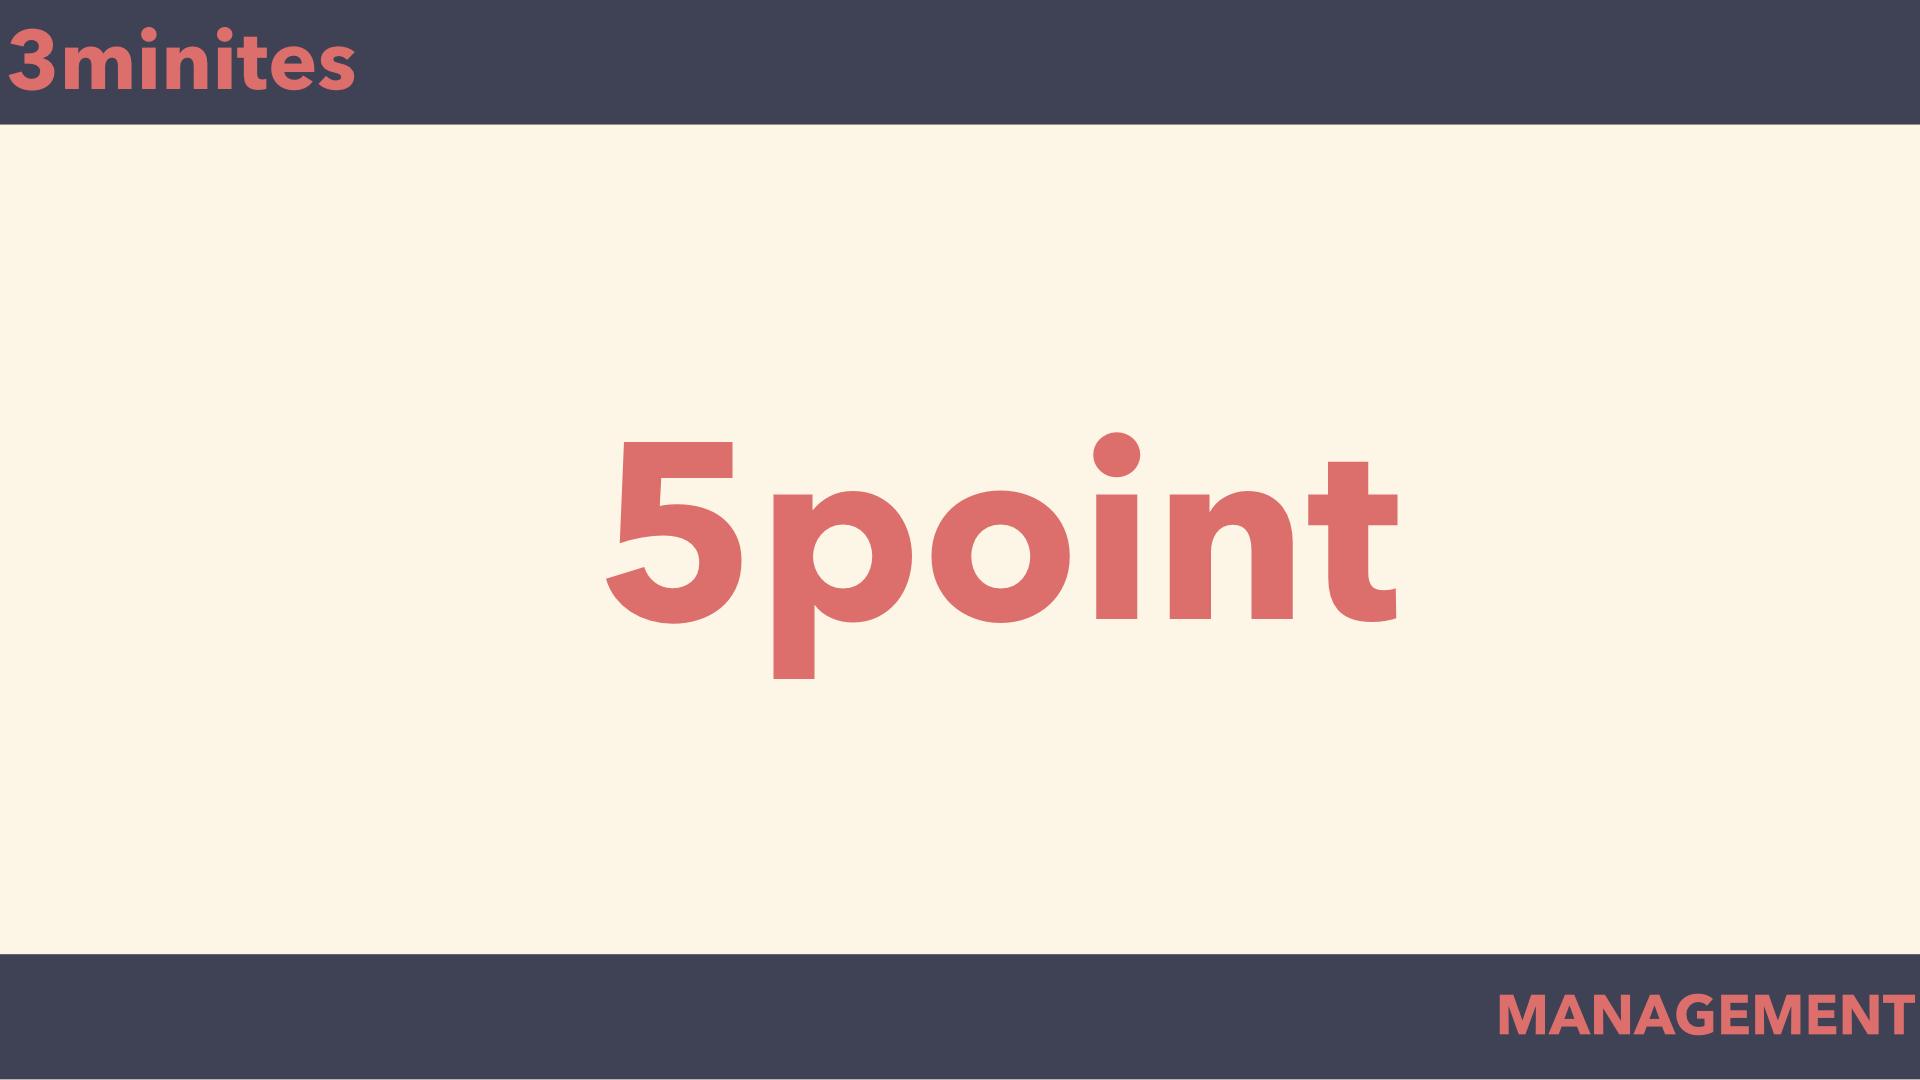 5point